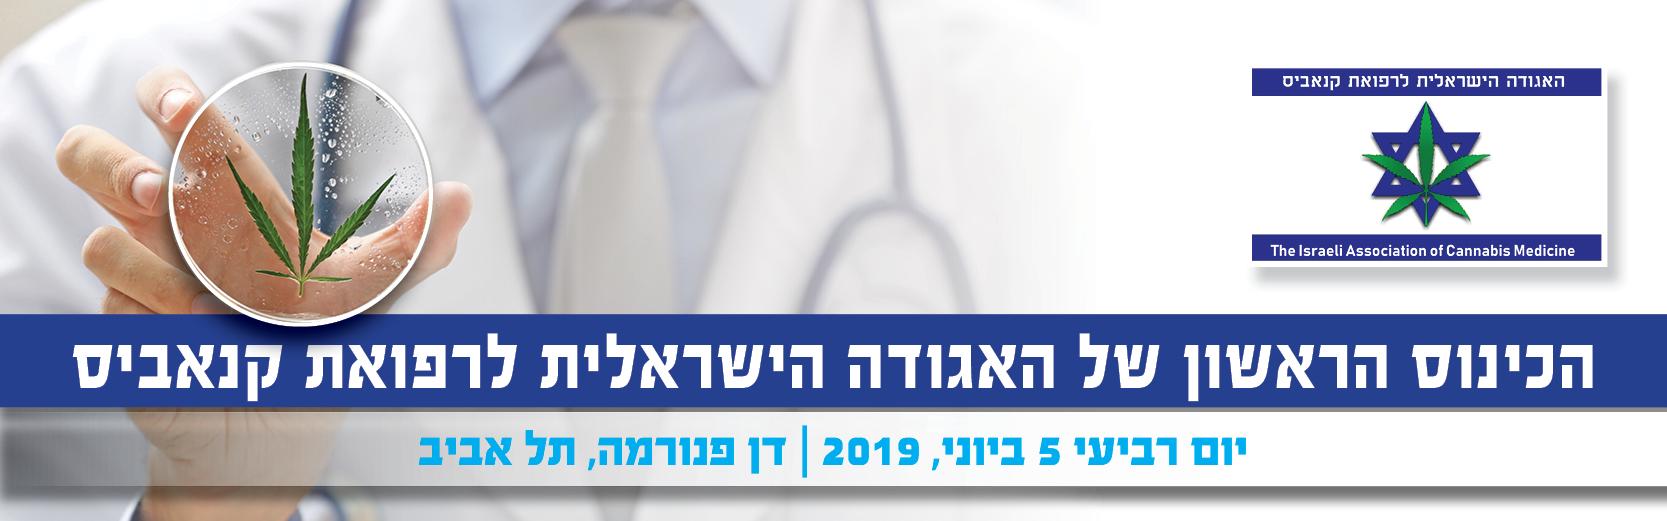 רפואת קנאביס, 5 ביוני, 2019